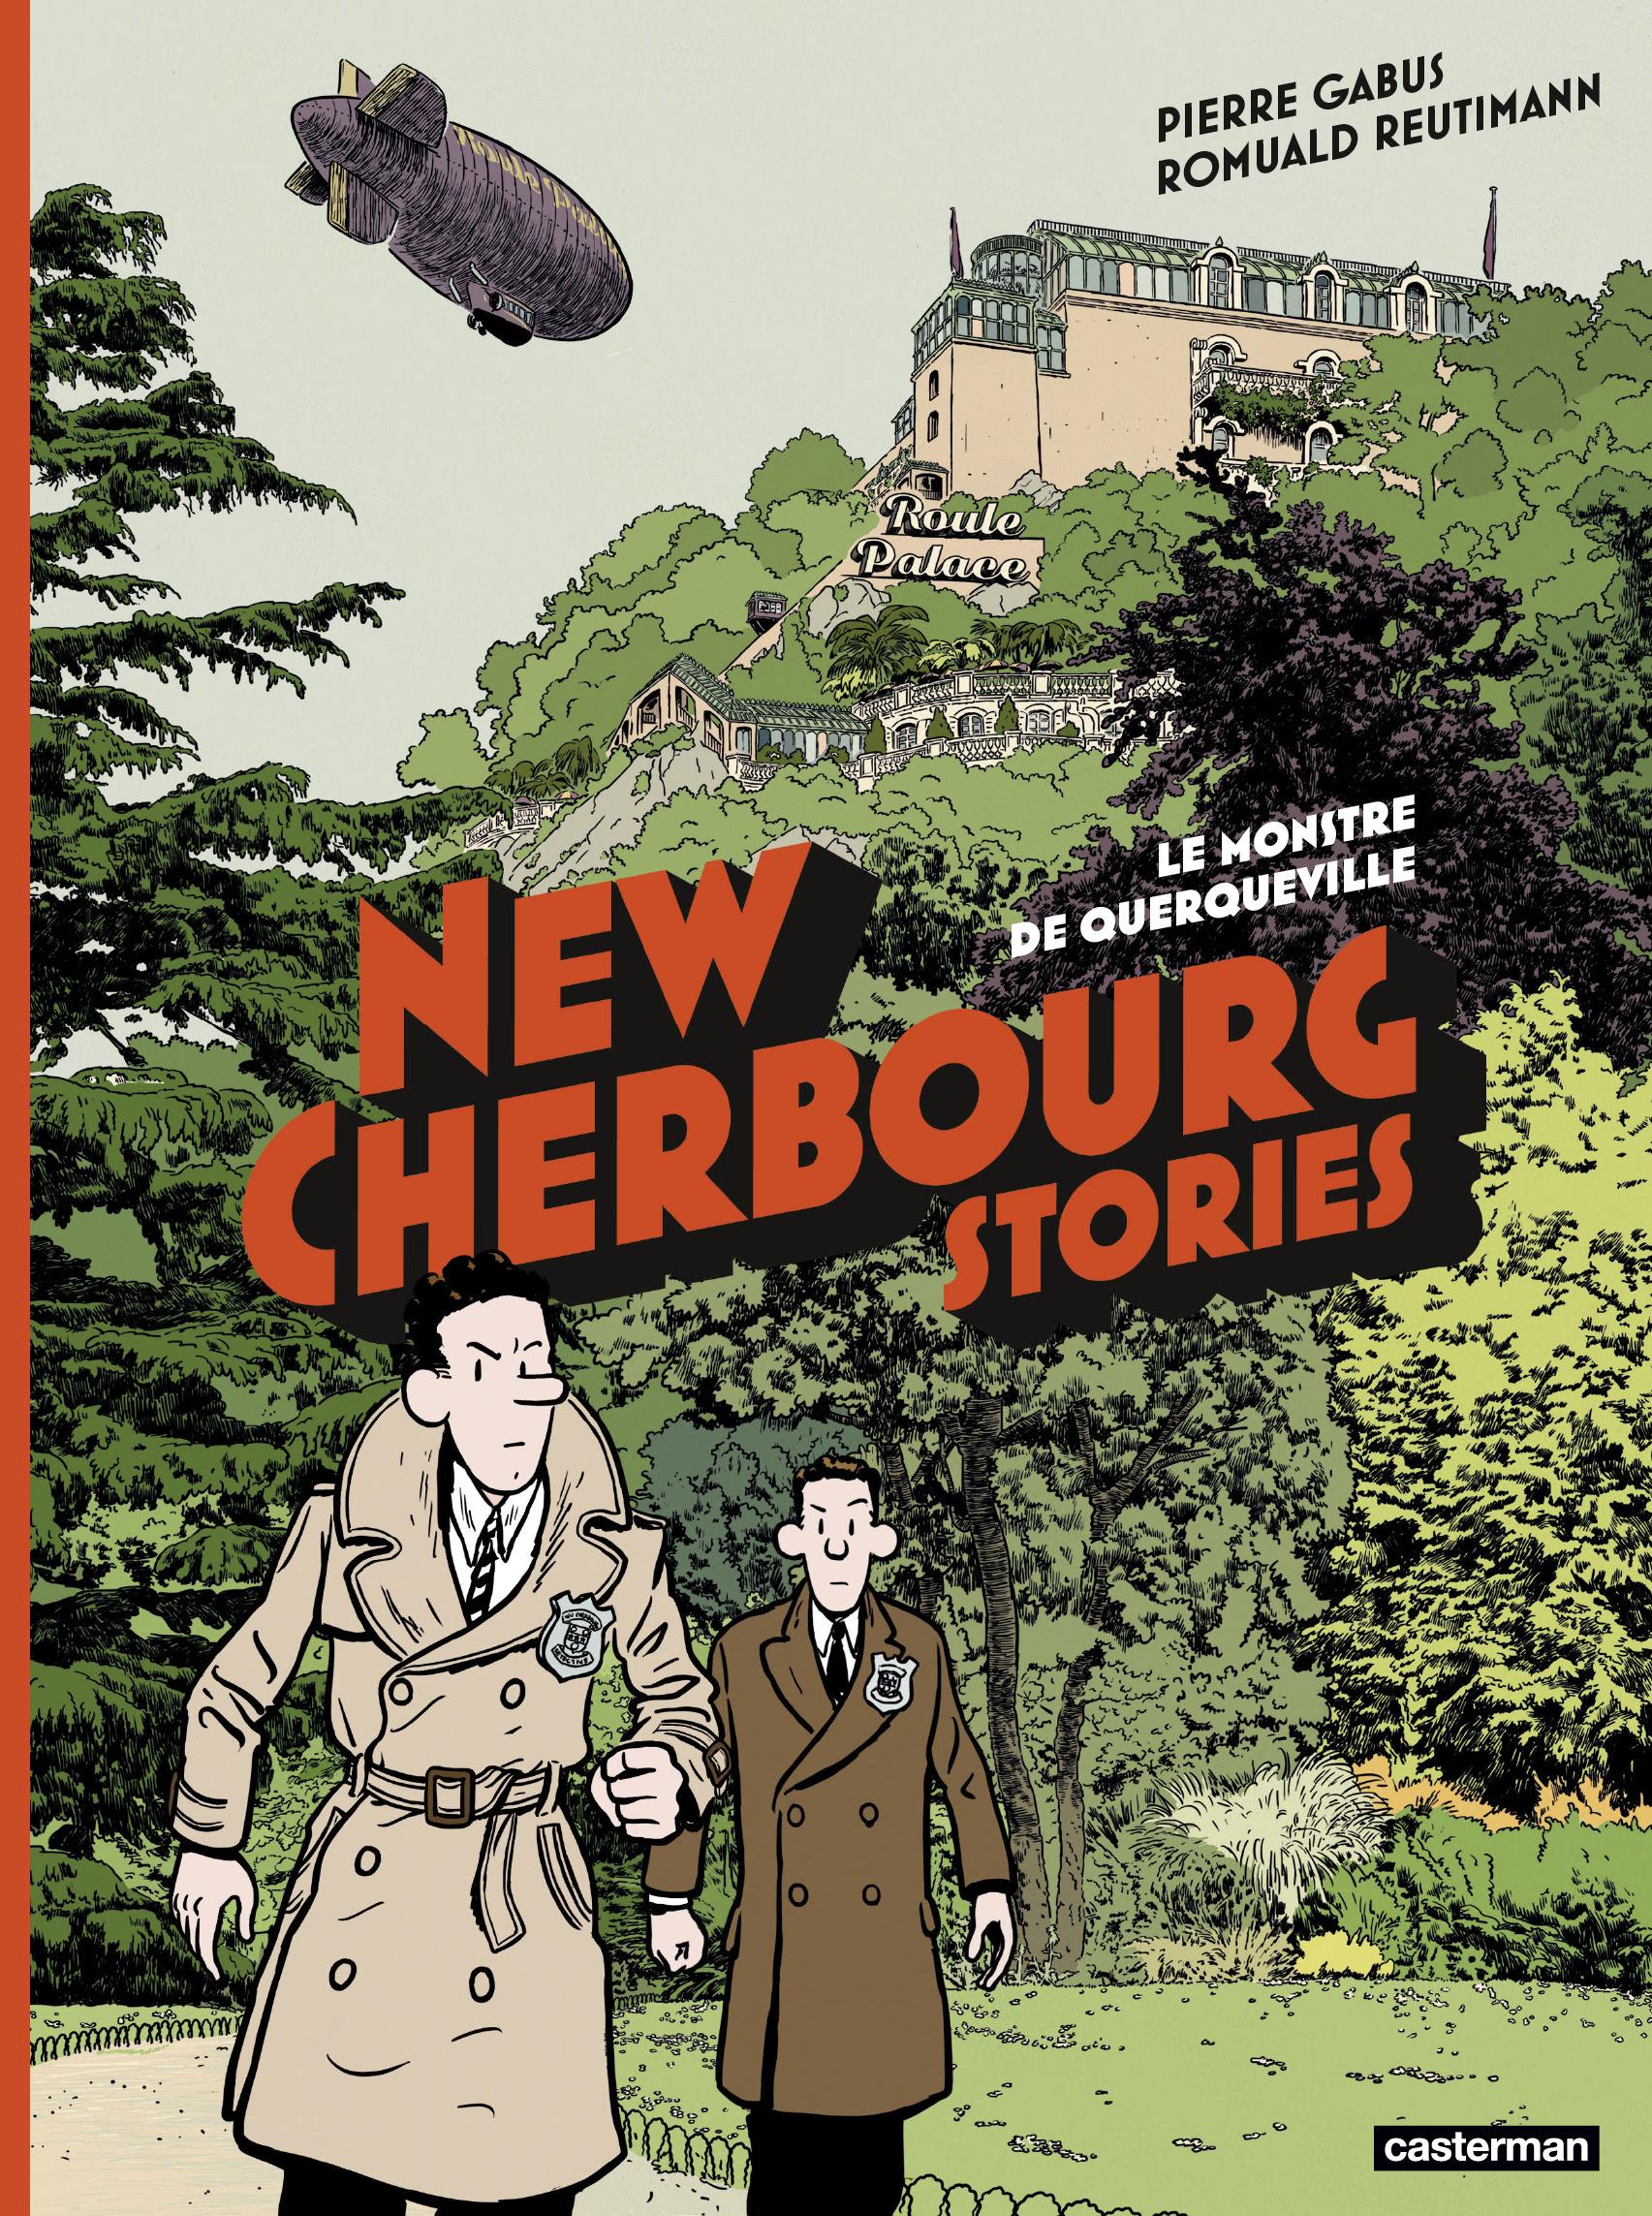 New Cherbourg Stories 1 - Le monstre de Querqueville